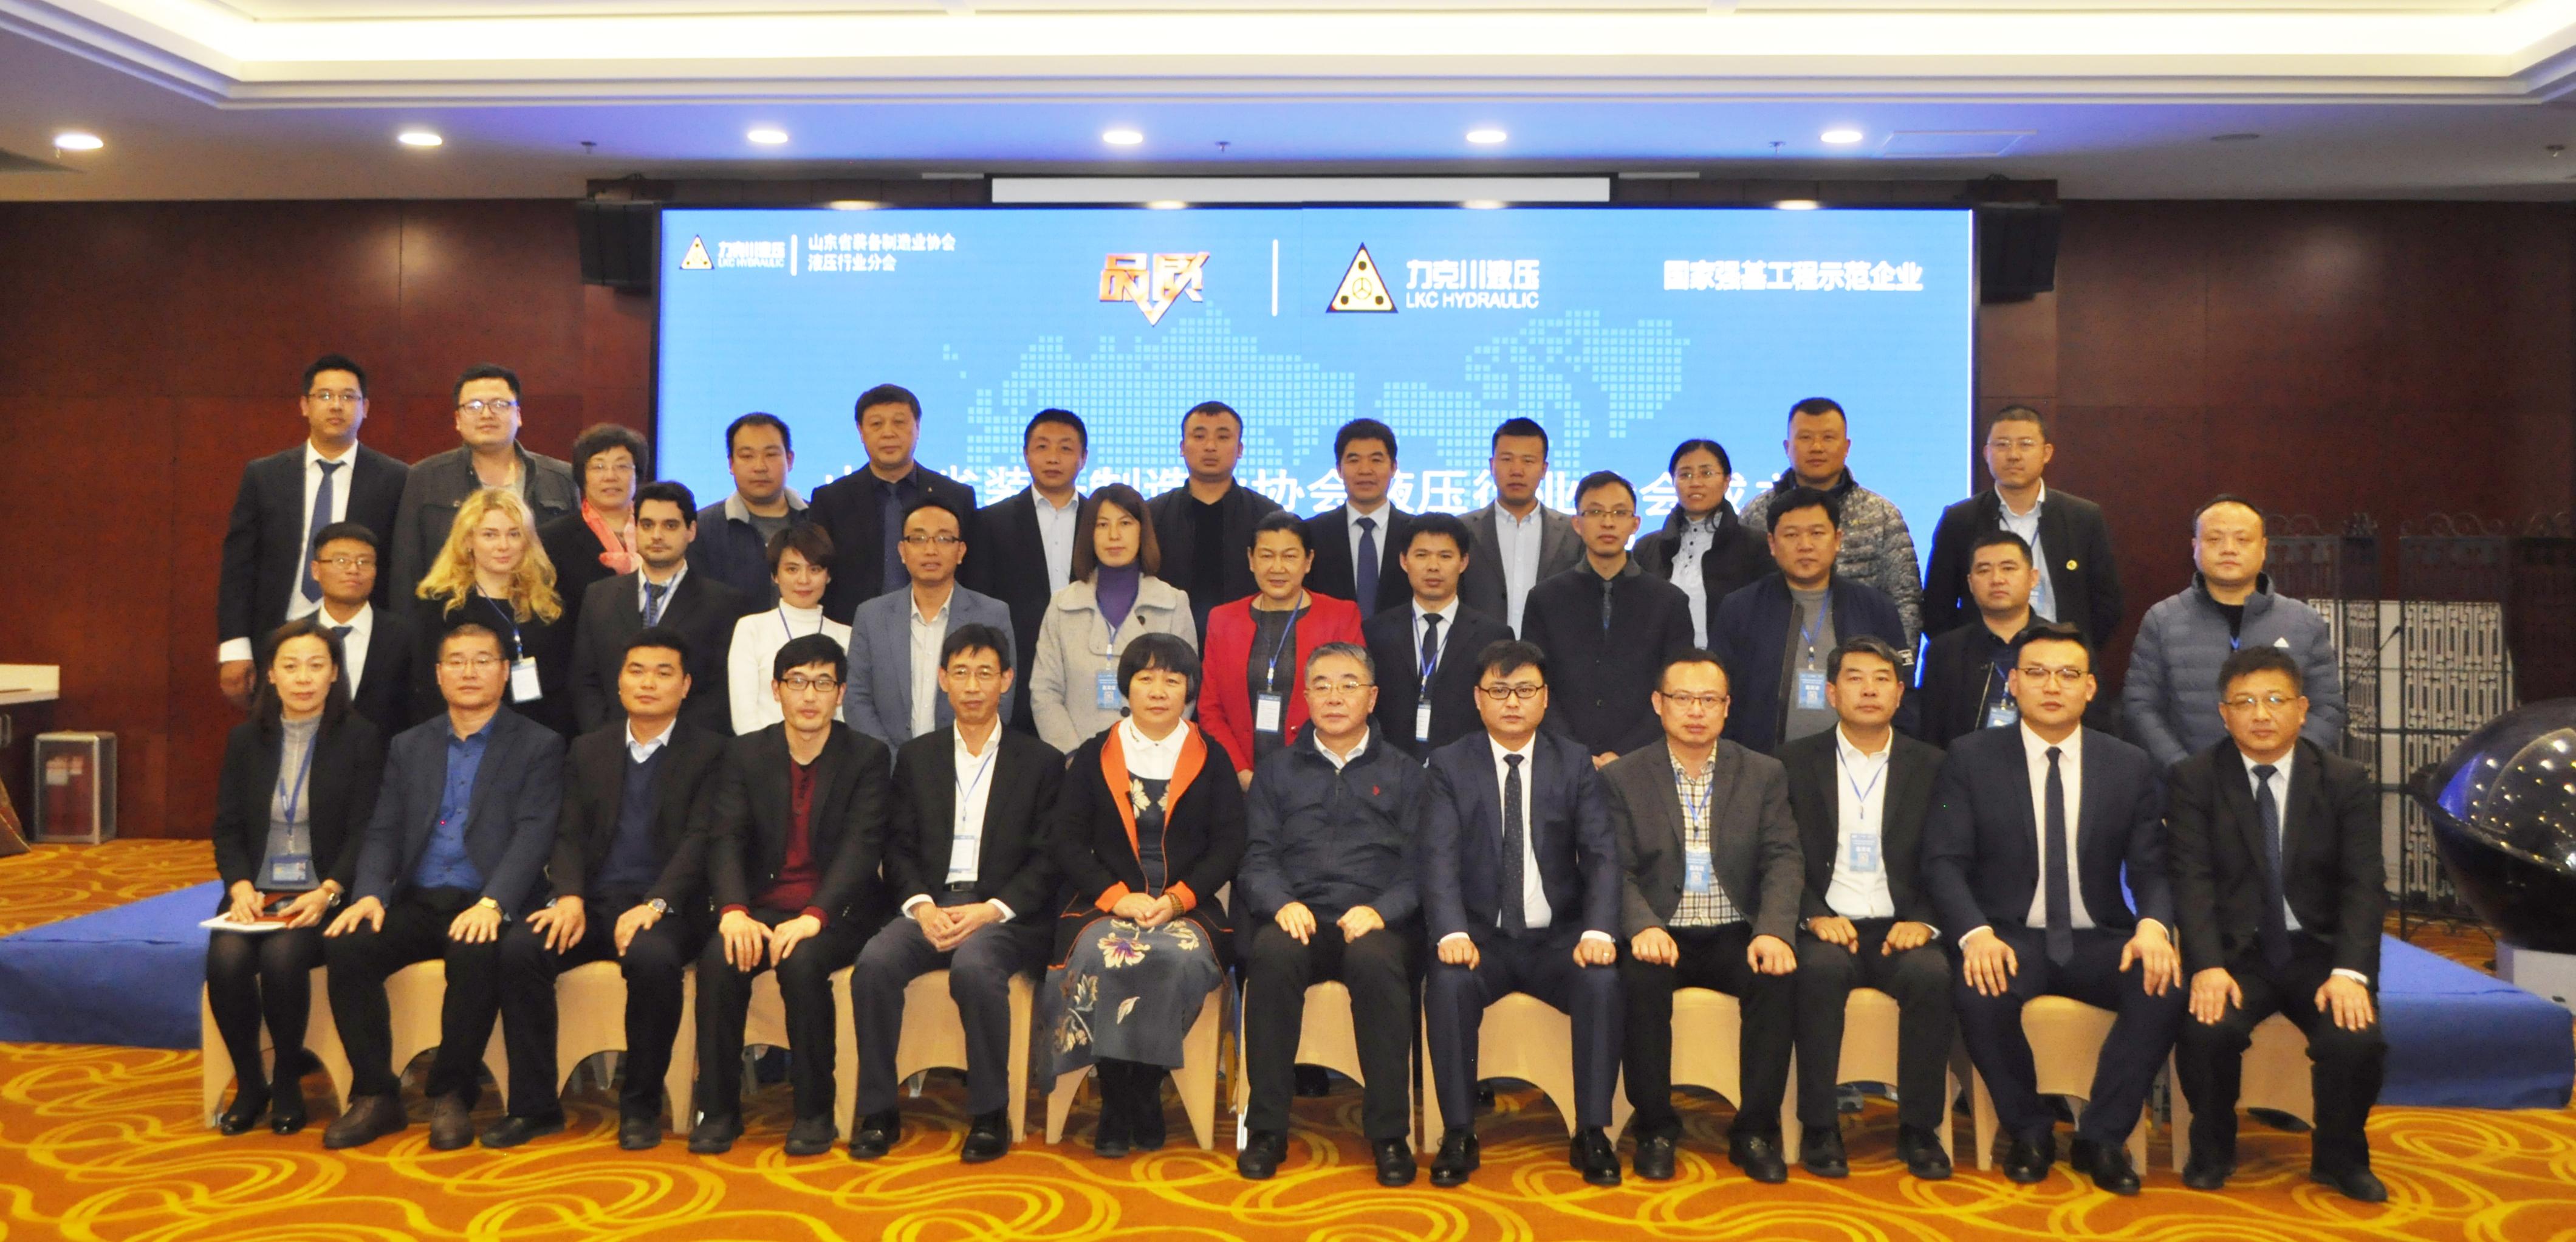 山东省装备制造业协会液压行业分会成立暨《品质》纪录片首映仪式隆重举行